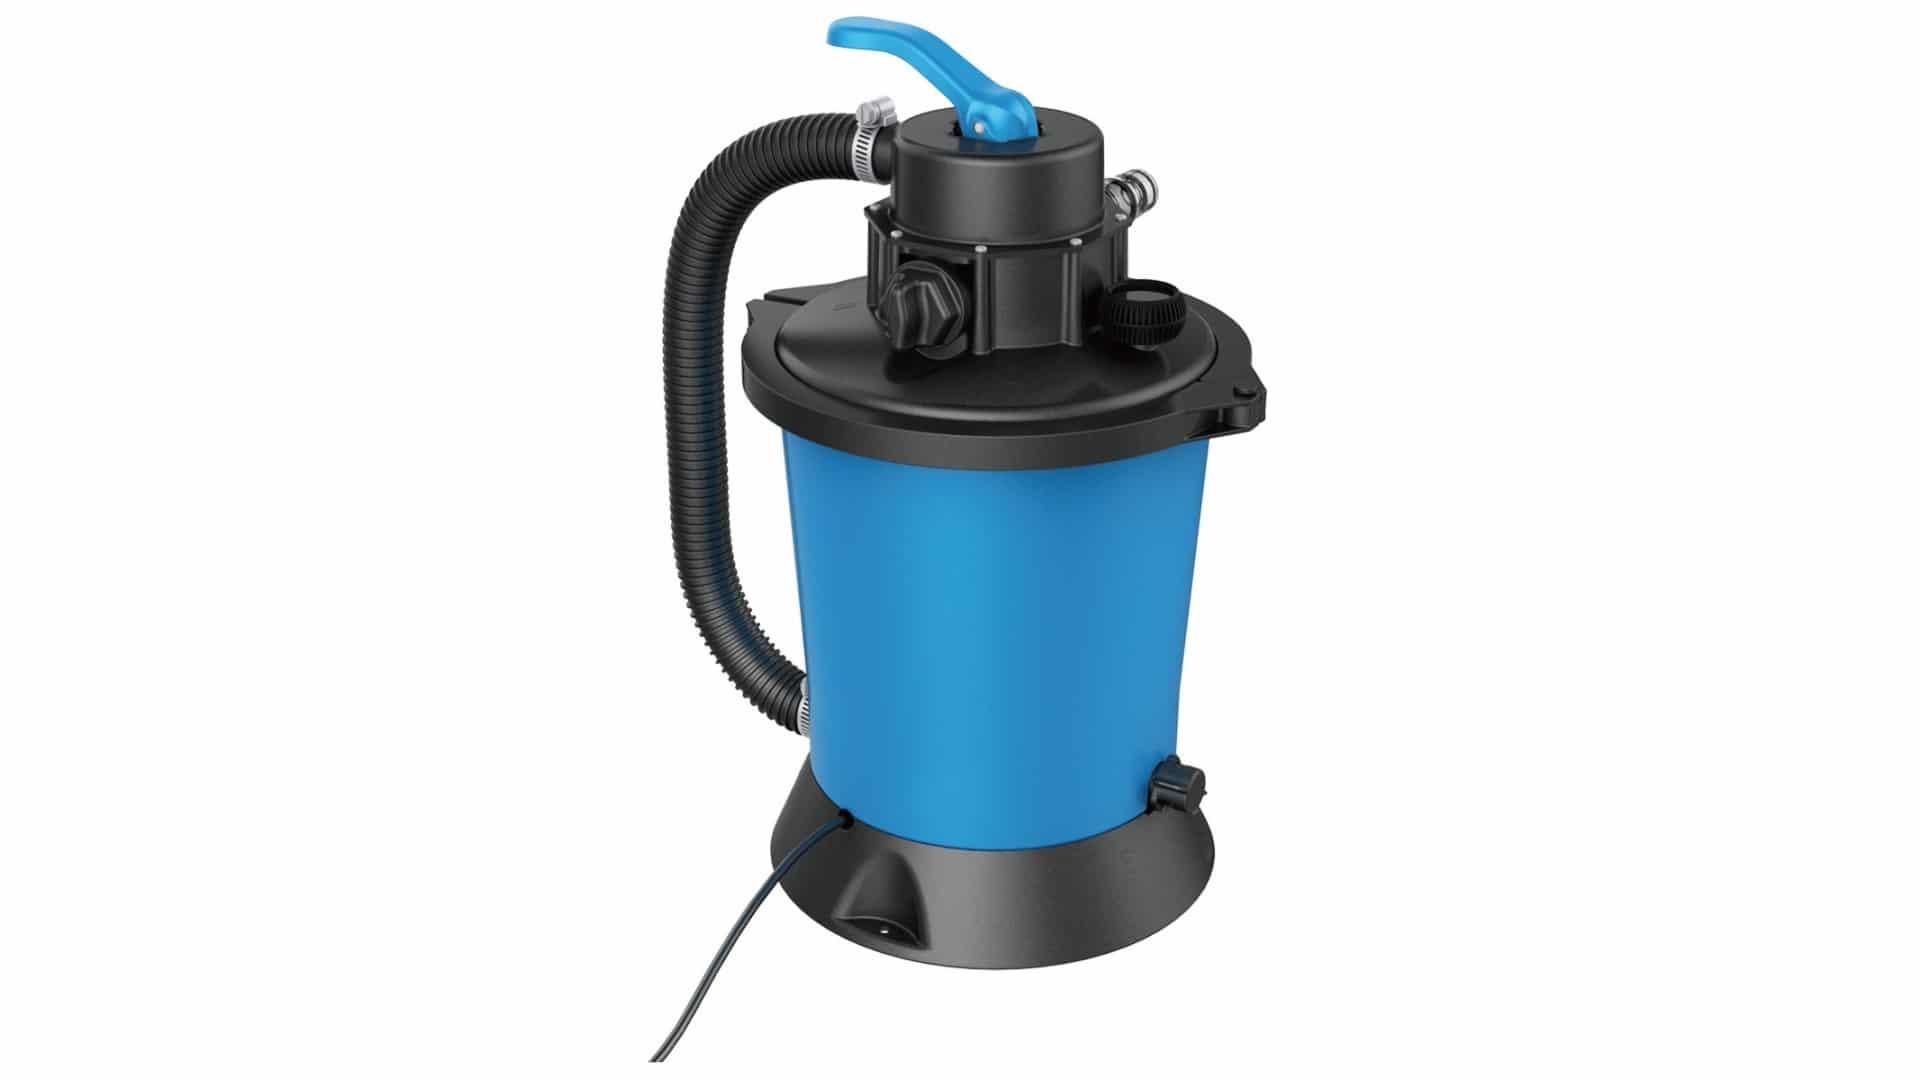 Filtre À Sables + Pompe Intégrée 3 M3/h Spécial Piscine Hors Sol avec Sable Pour Pompe Piscine